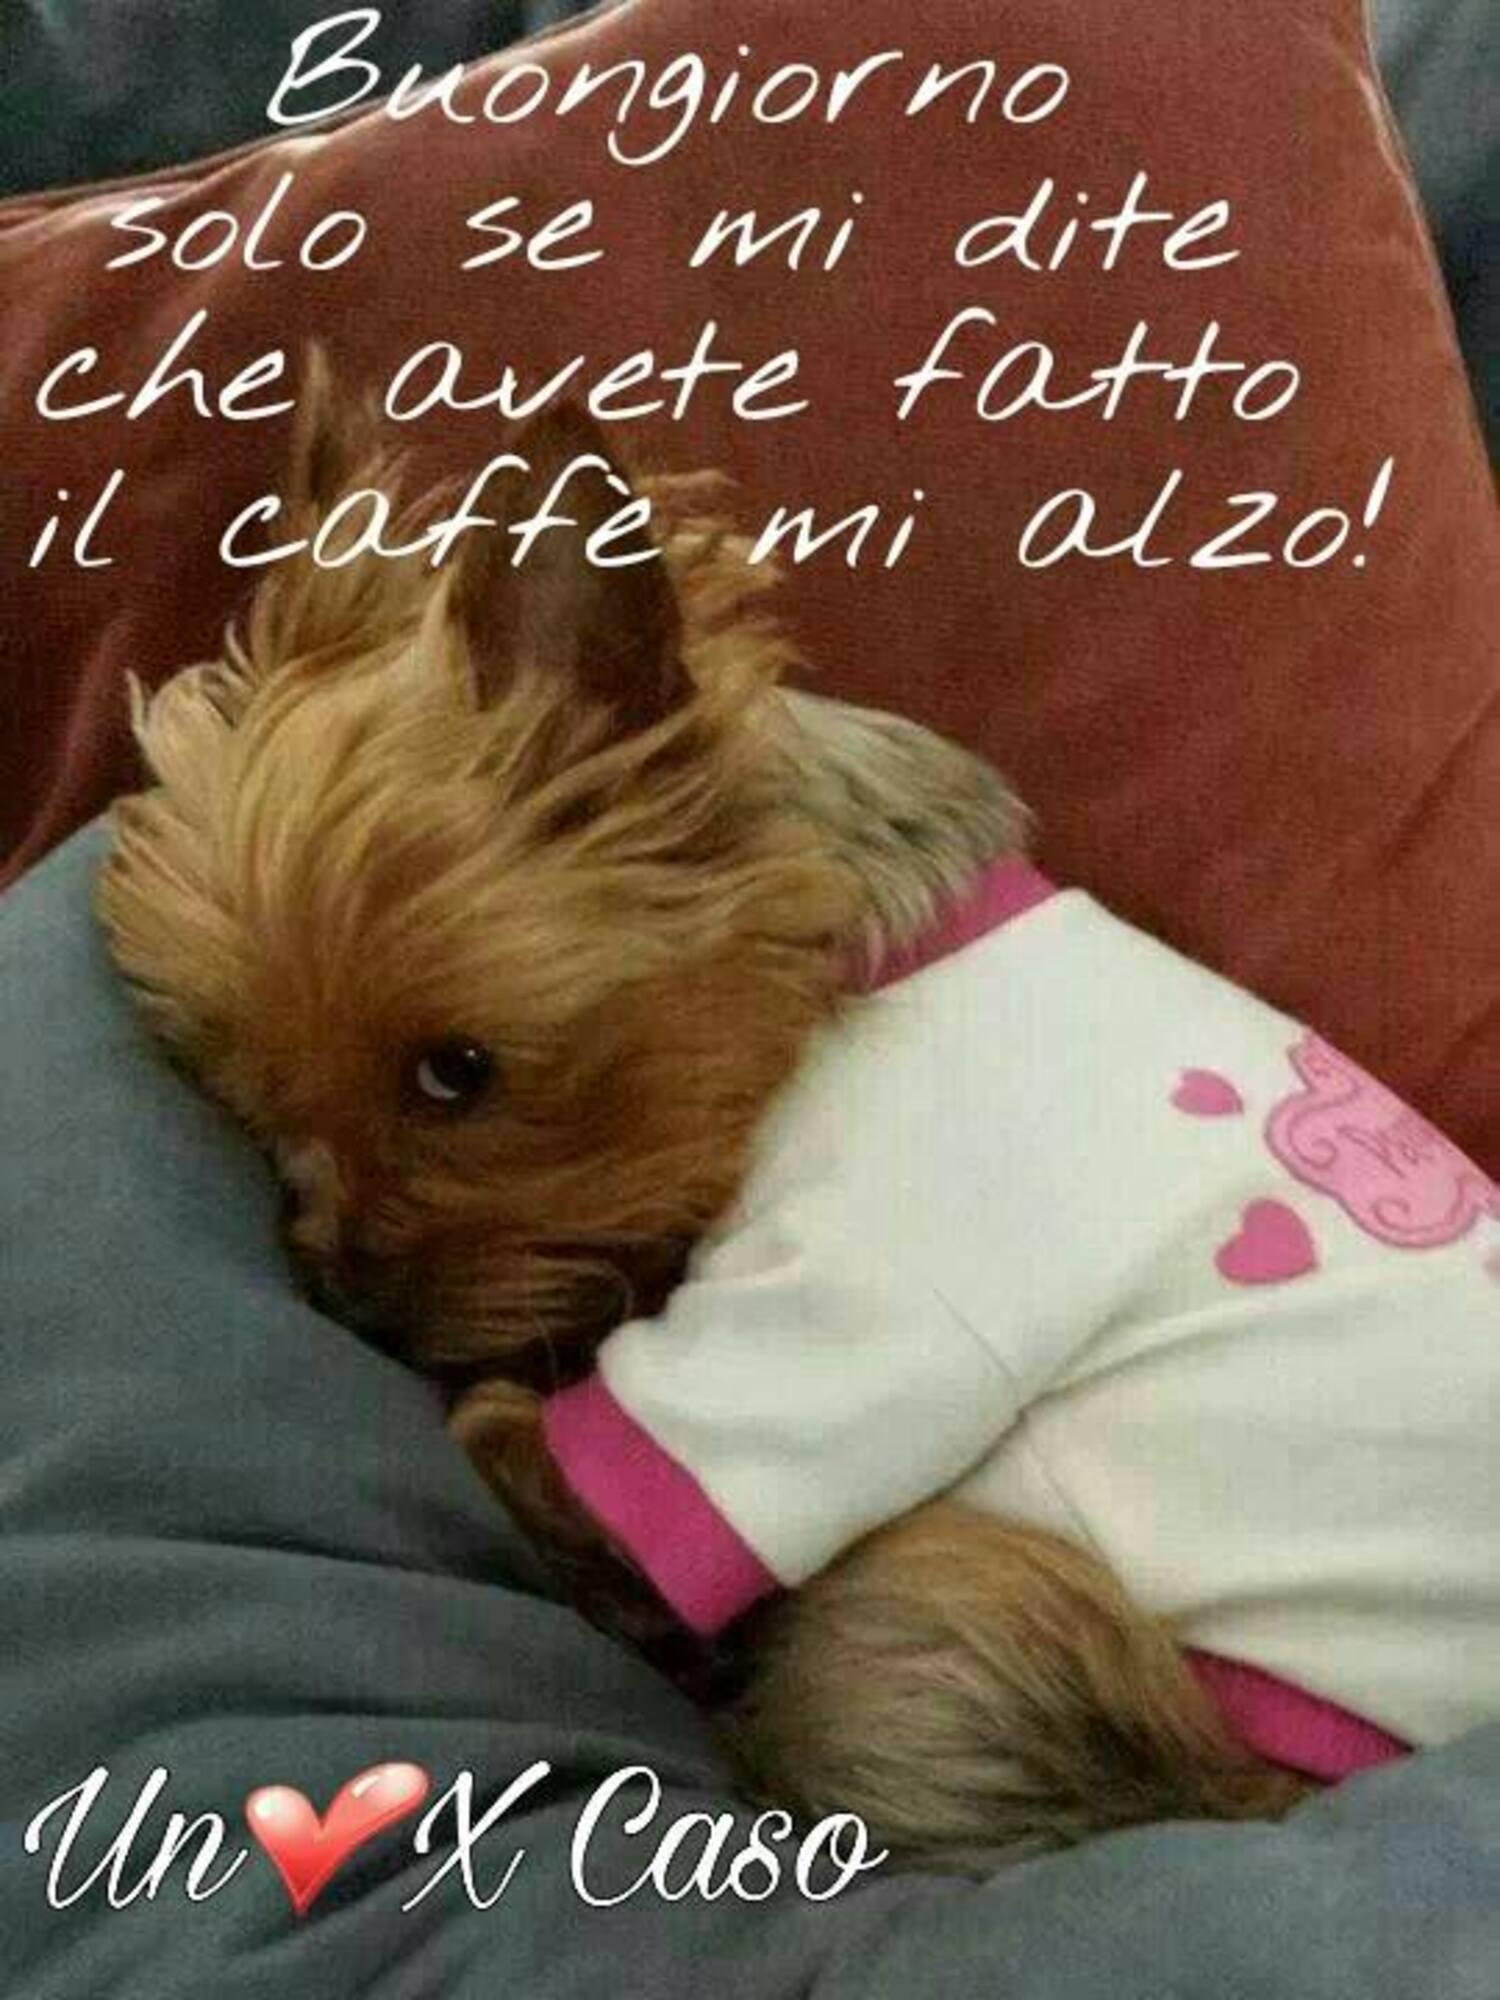 Buongiorno solo se mi dite che avete fatto il caffè mi alzo!